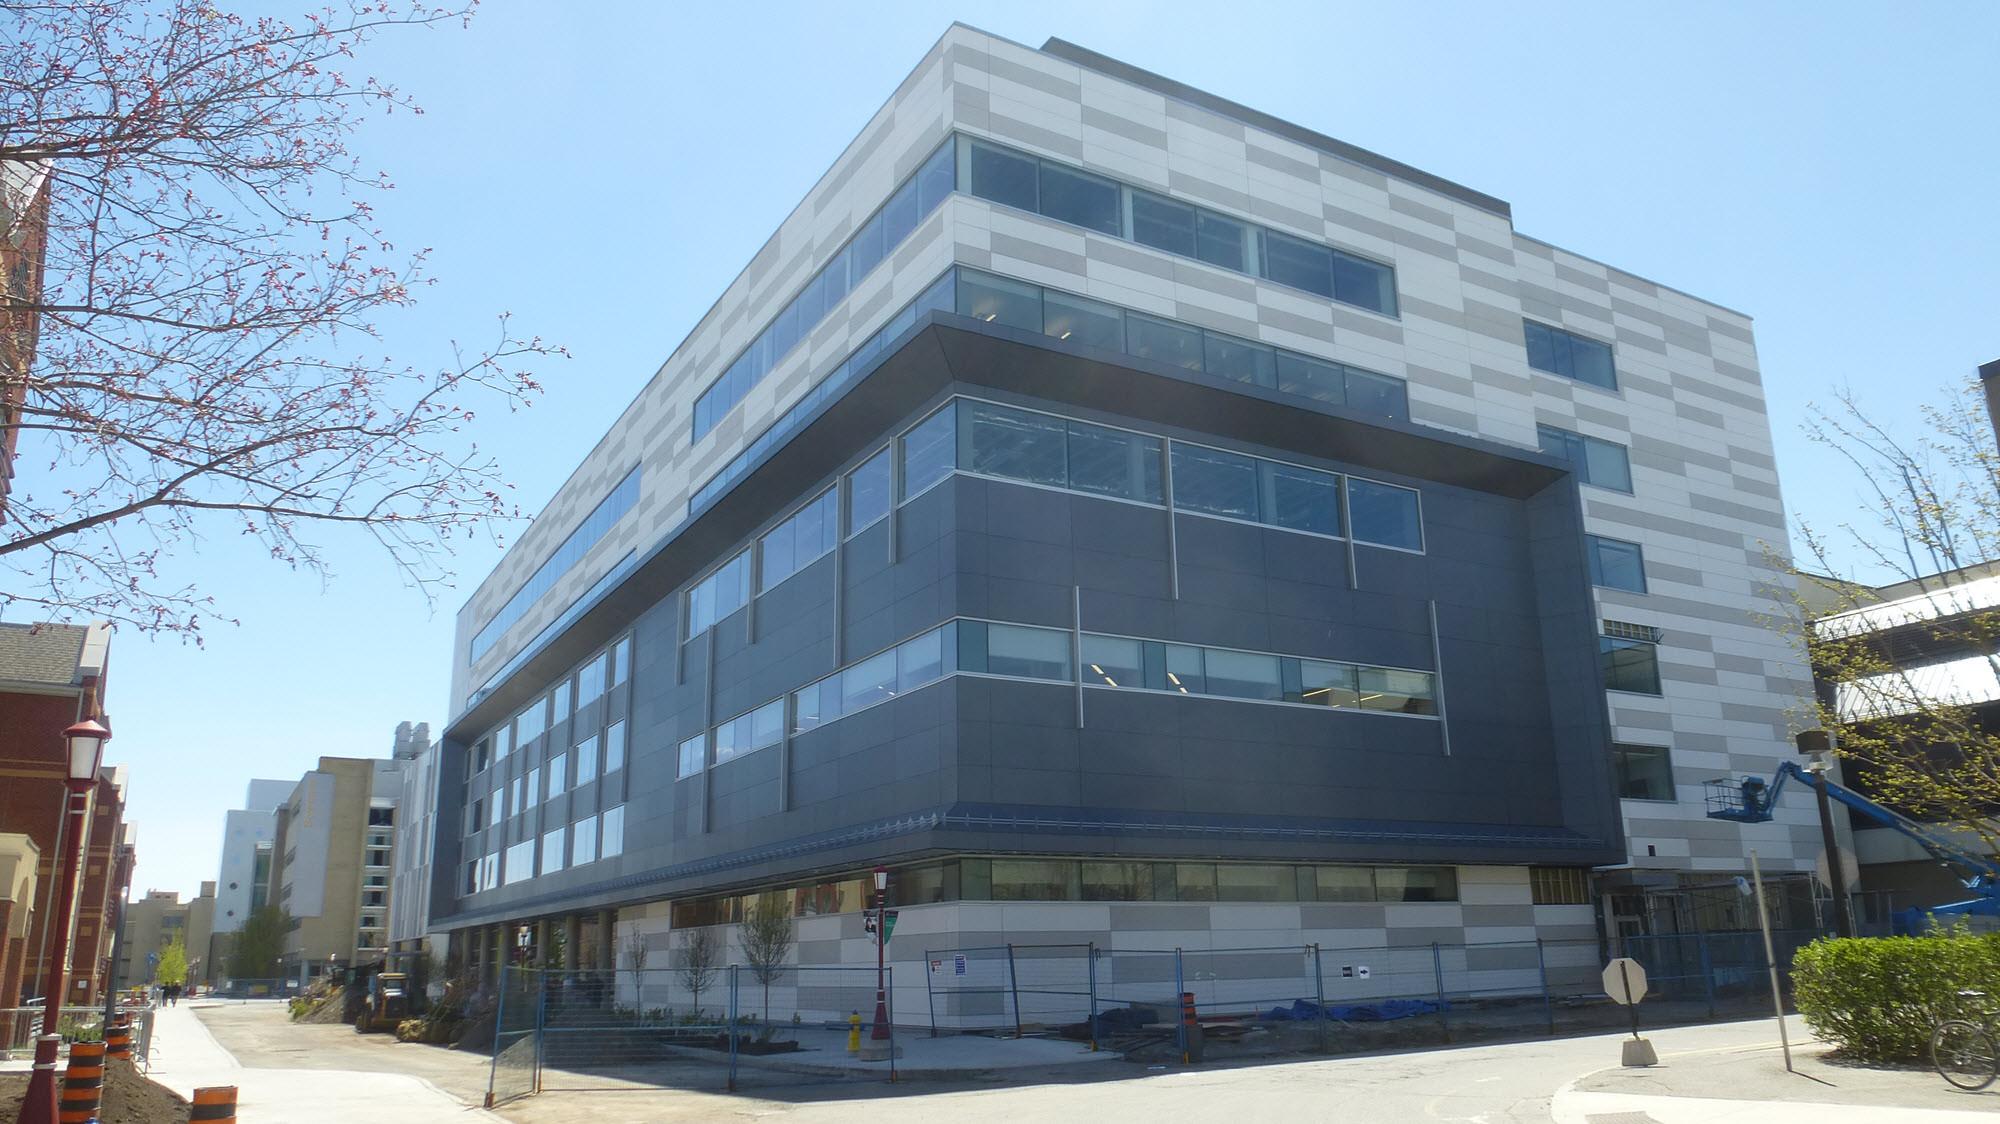 CRX University of Ottawa